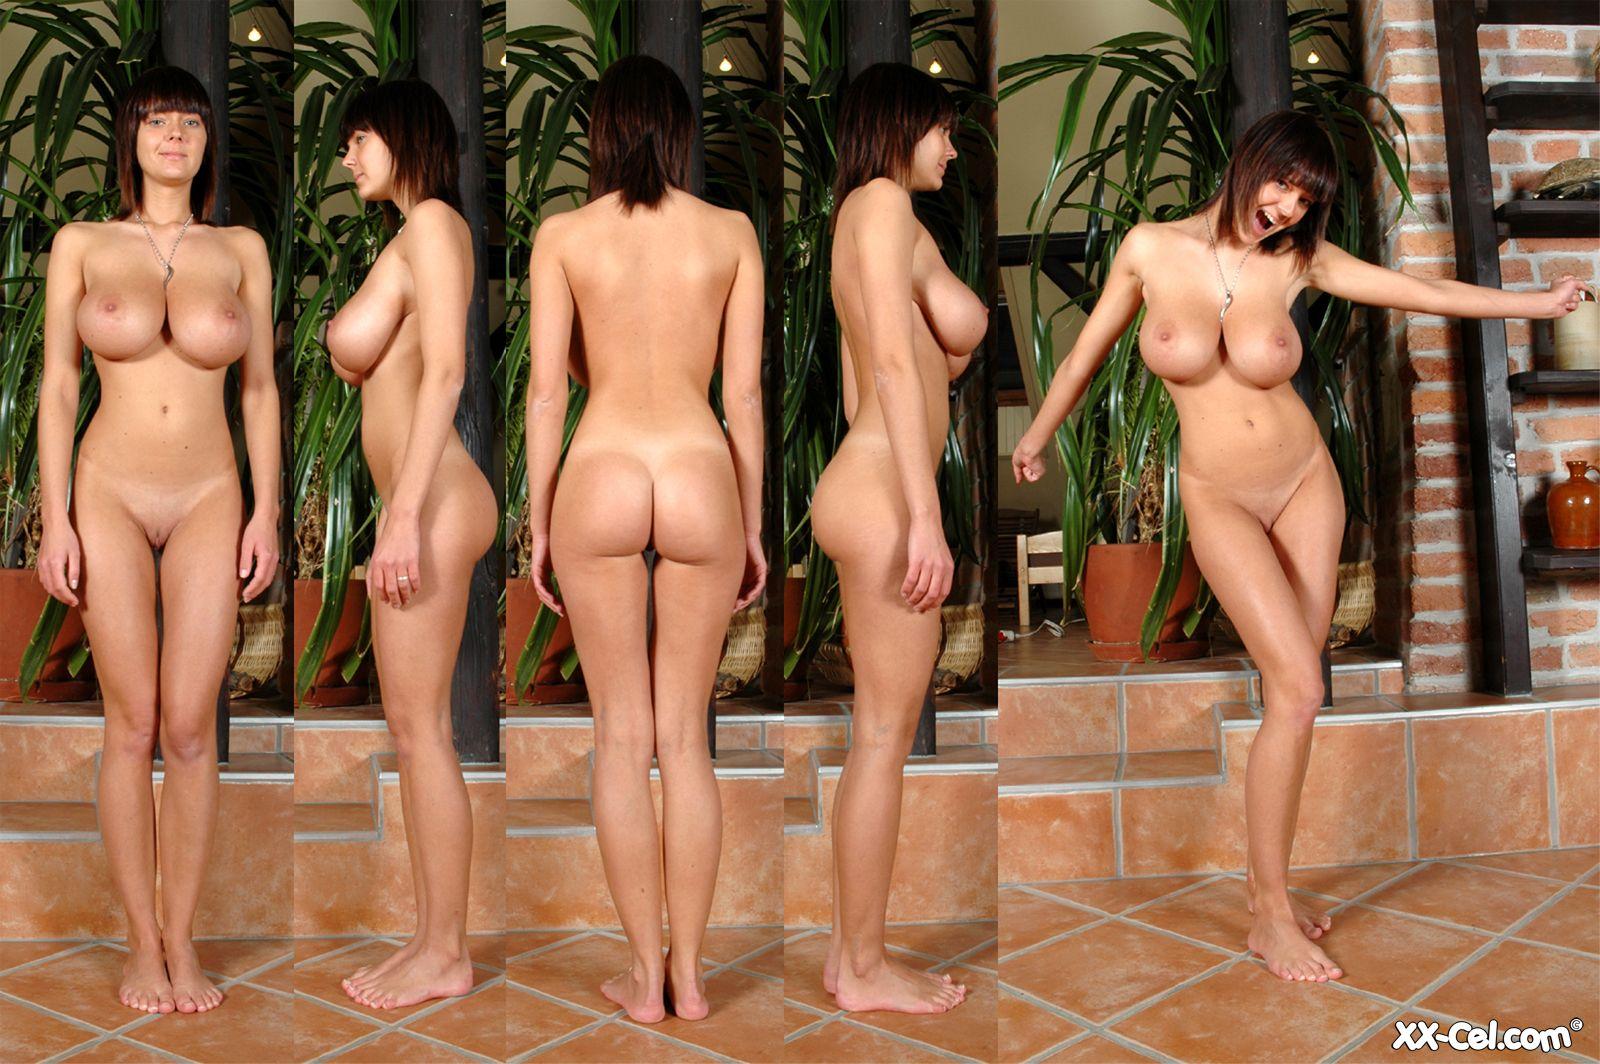 Форма тела груша худенькая порно хд 17 фотография